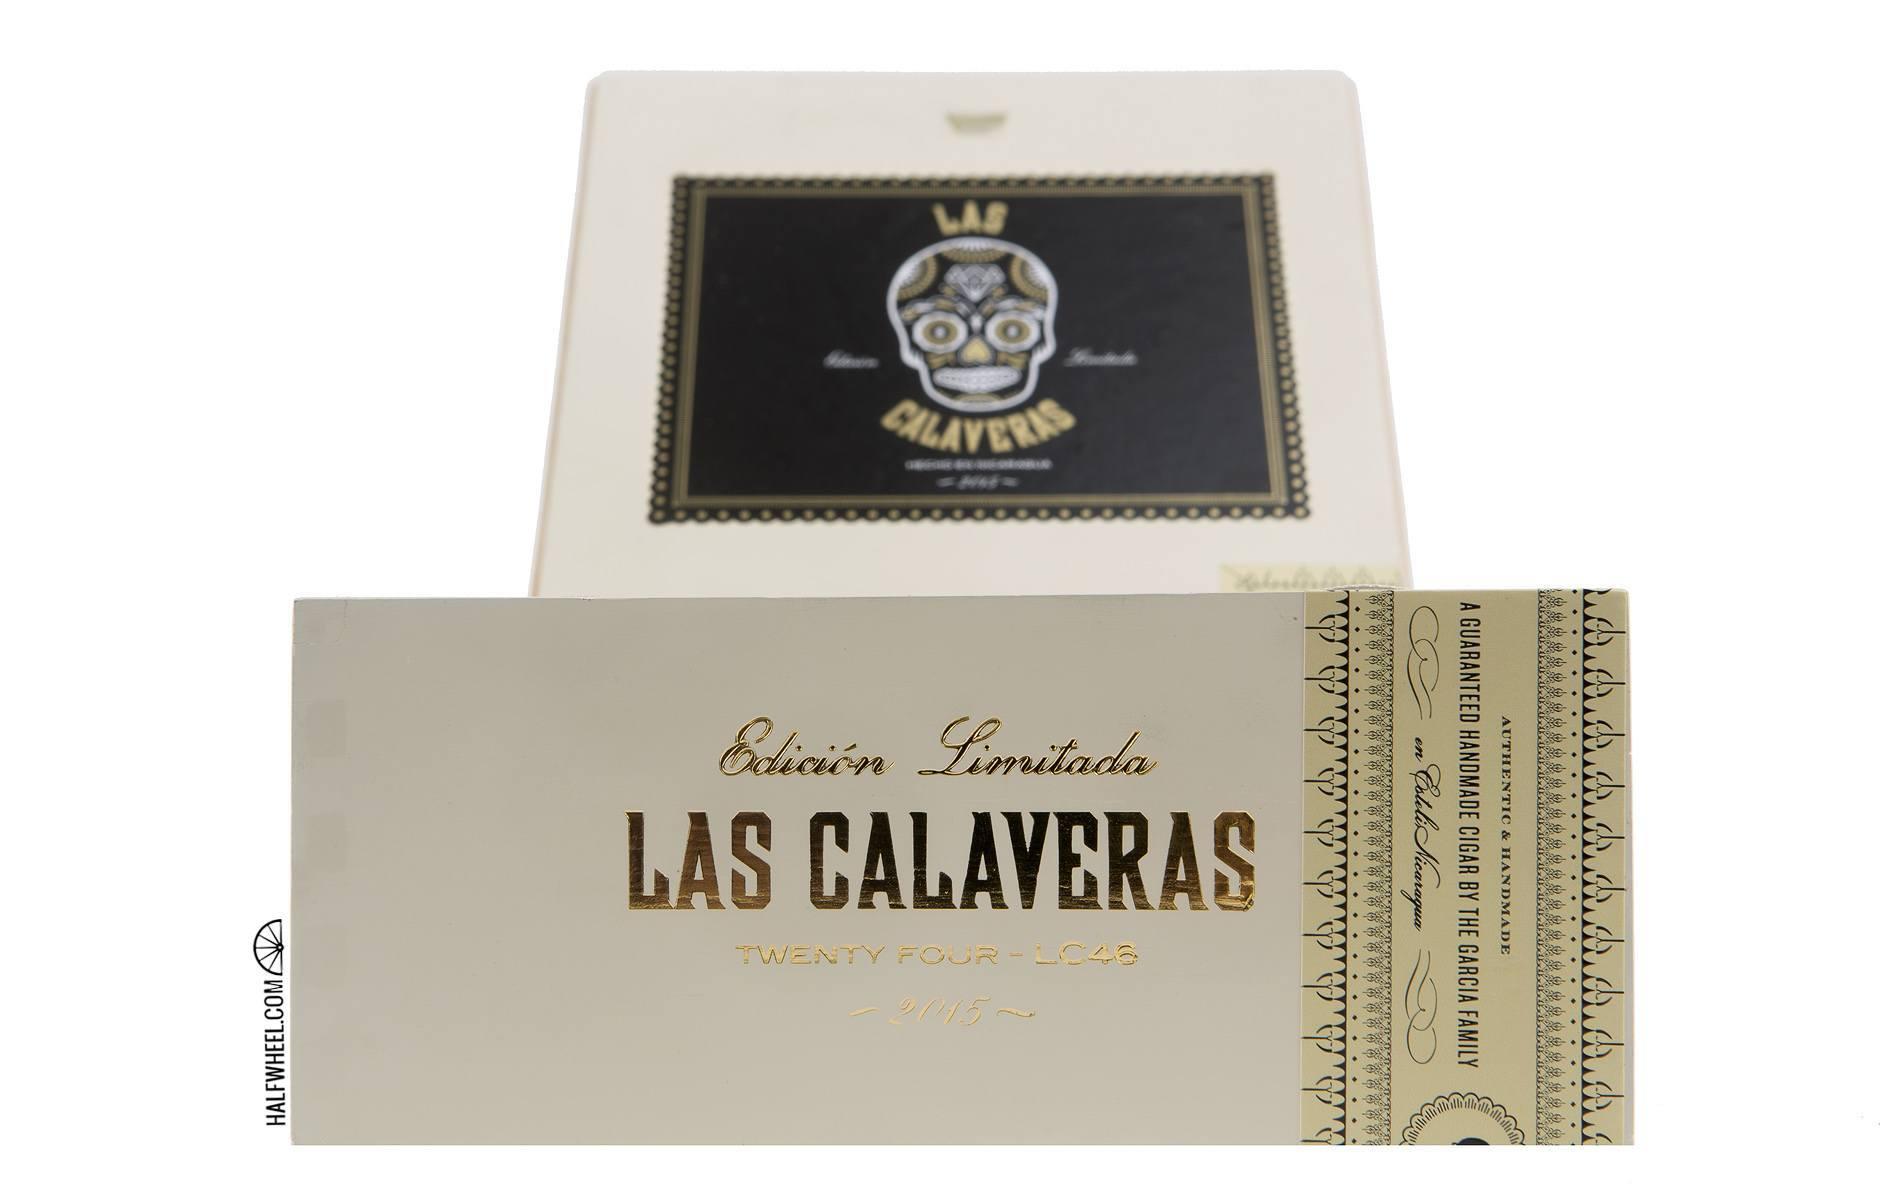 Las Calaveras Edicion Limitada 2015 LC46 Box 2